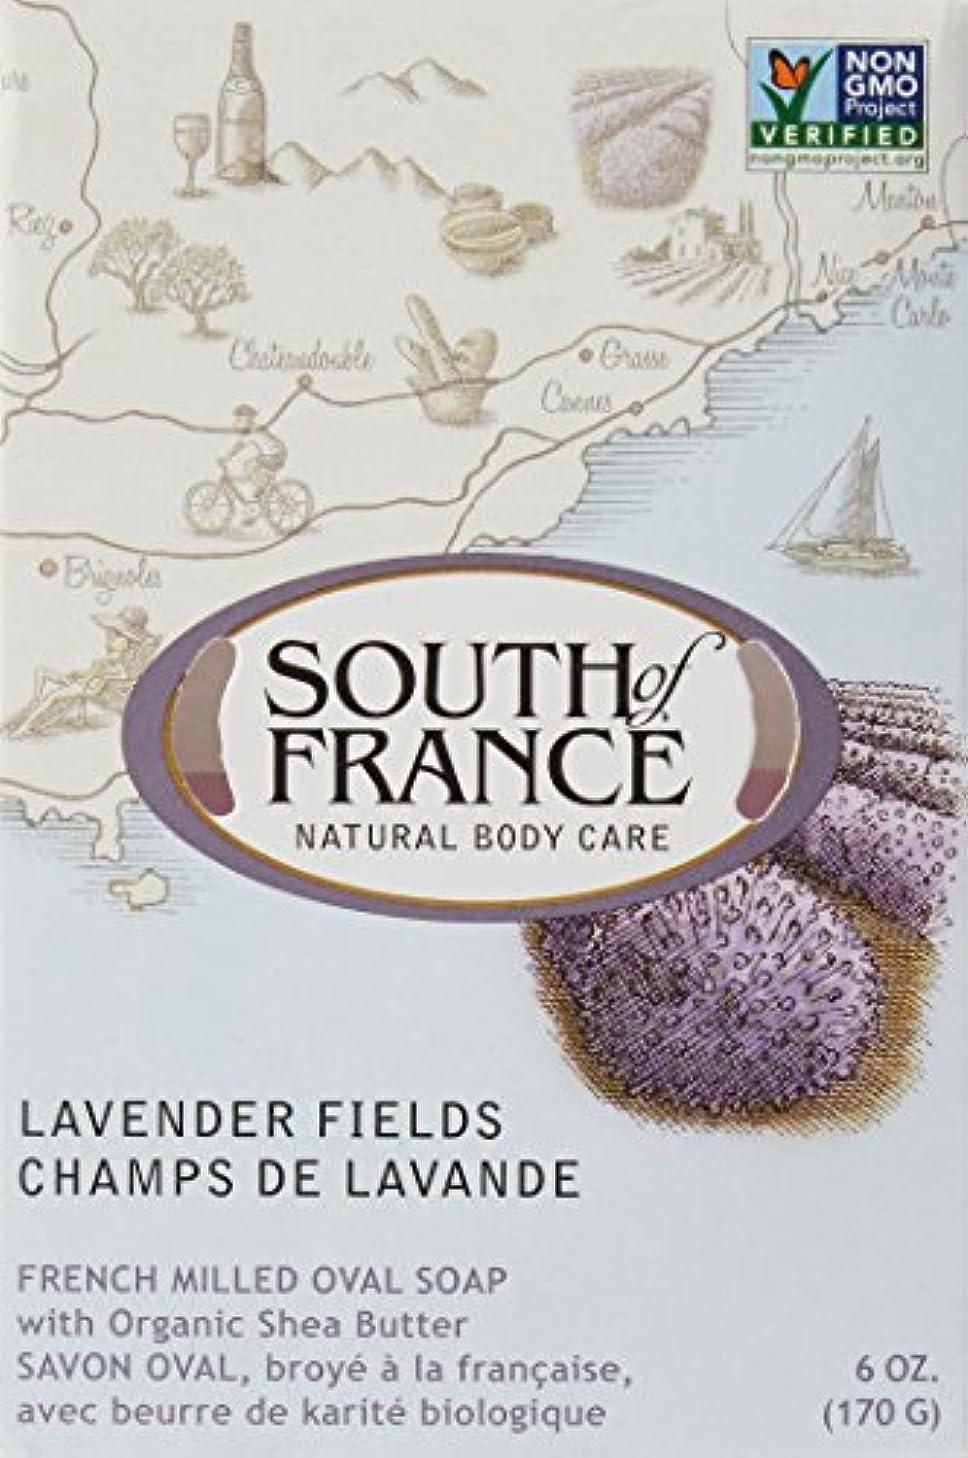 自然公園ご飯ディベートSouth of France - フランスの製粉された野菜棒石鹸のラベンダーは守備につく - 6ポンド